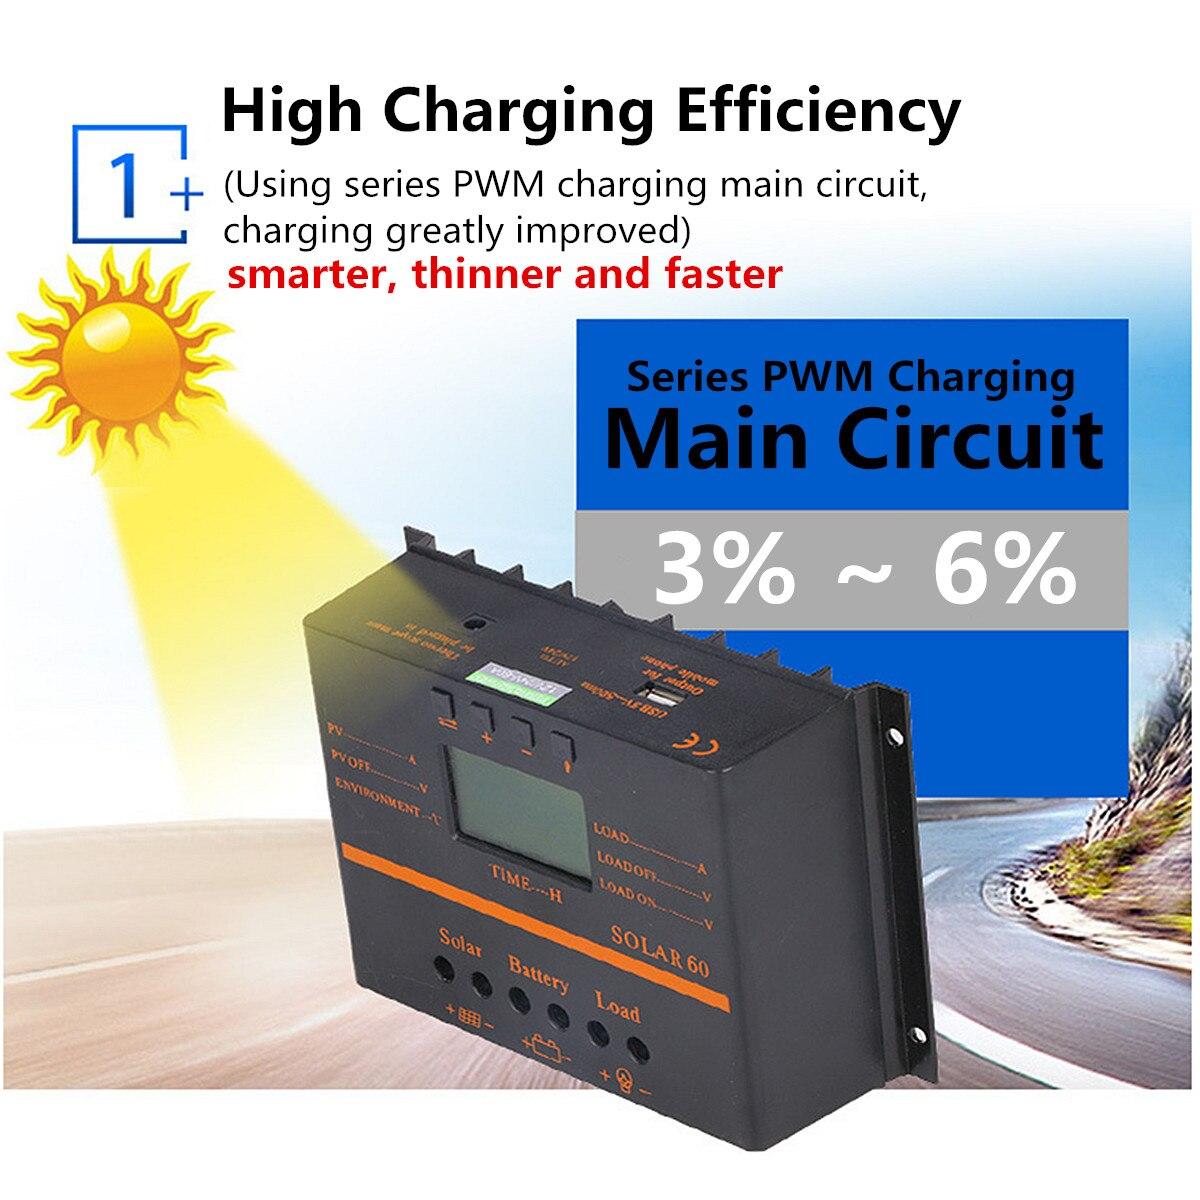 Pannello solare Regolatore di Carica Della Batteria Regolatore 12 V/24 V Auto Display LCD PWM USB 40A/50A/ 60A/80A Protezione Da Sovraccarico Automatico